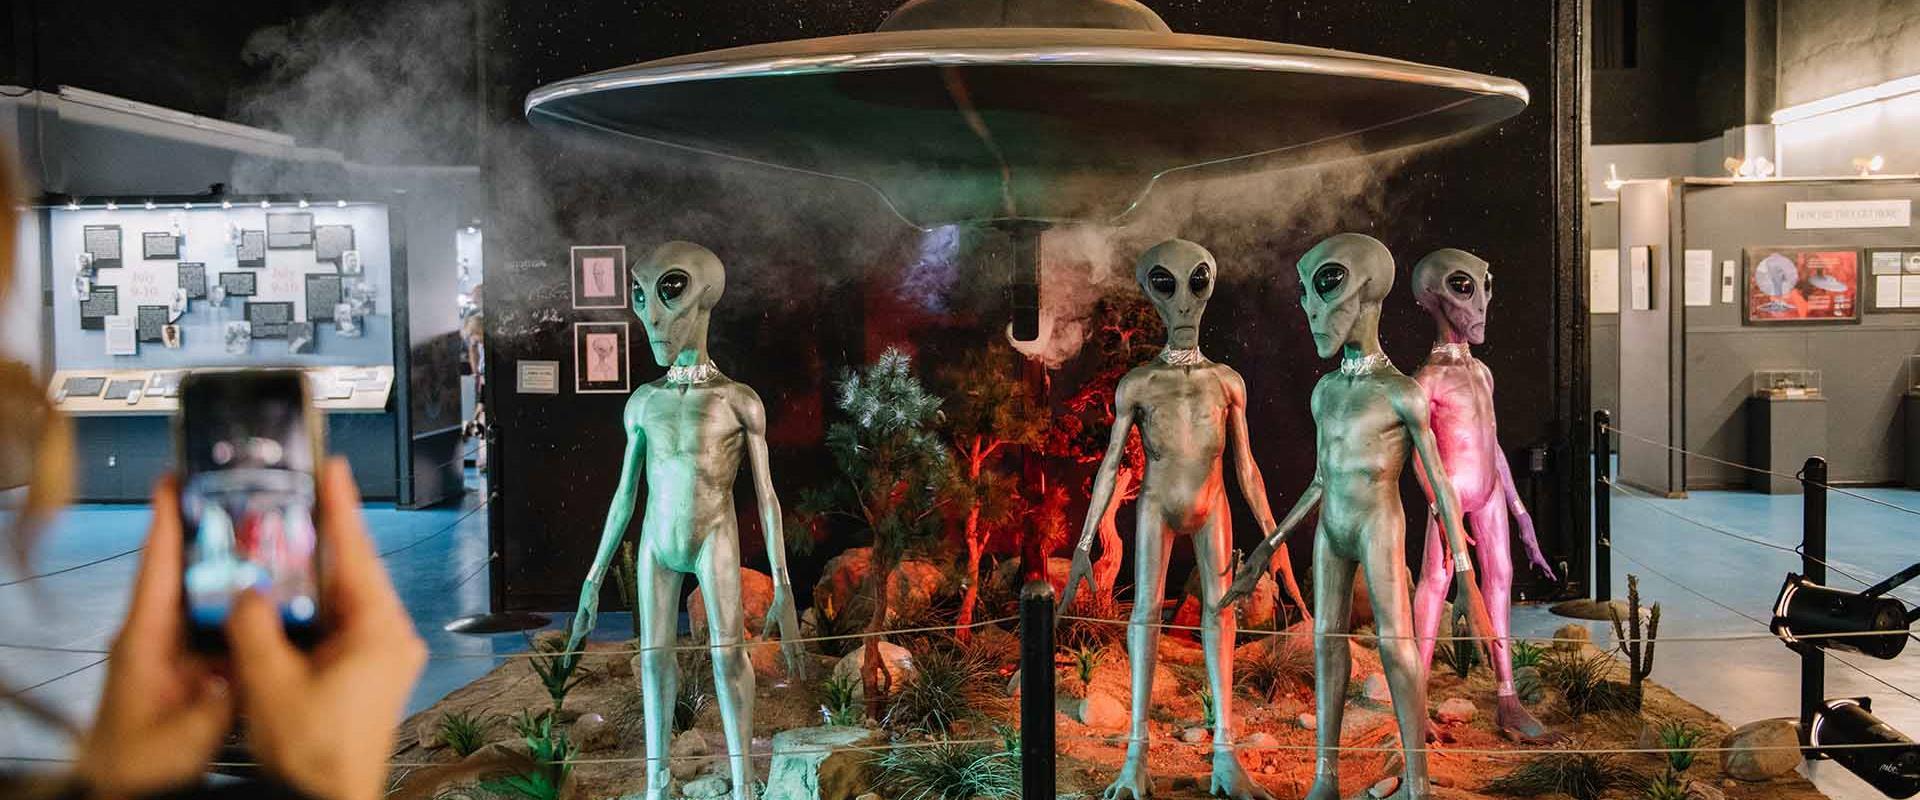 מוזיאון החייזרים ברוזוולט